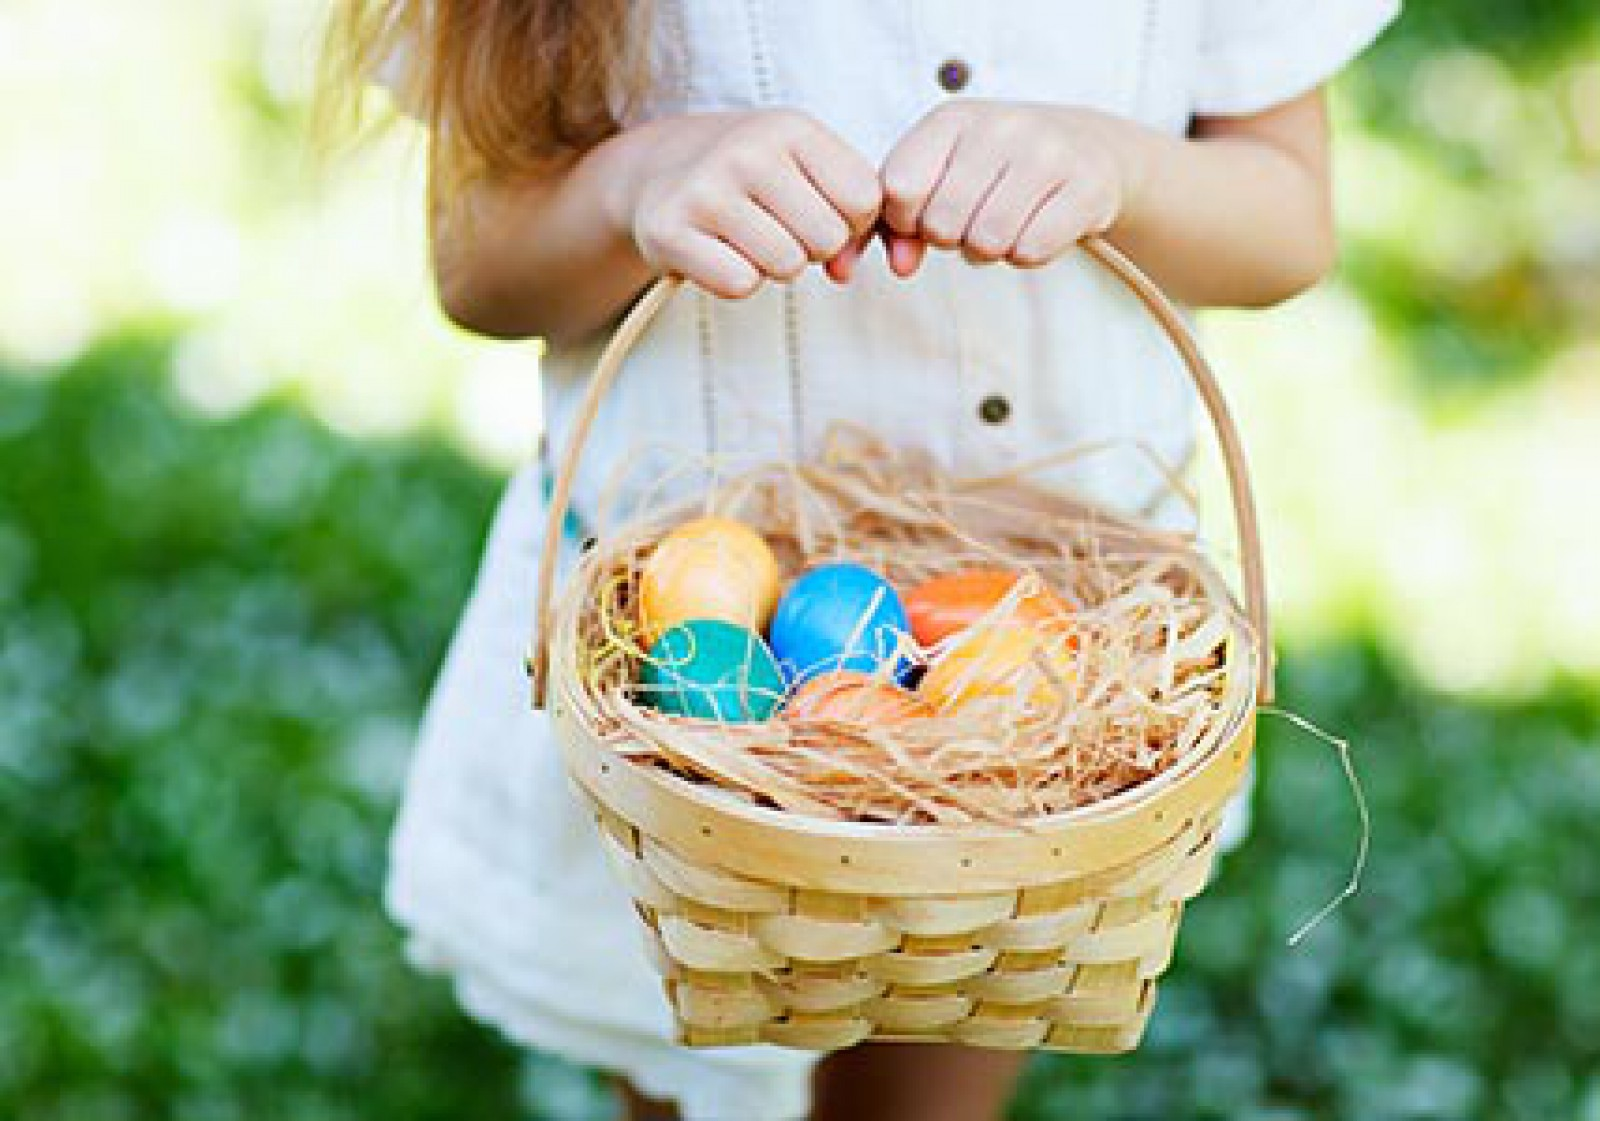 Paștele 2019: Când îl vor sărbători catolicii și ortodocșii